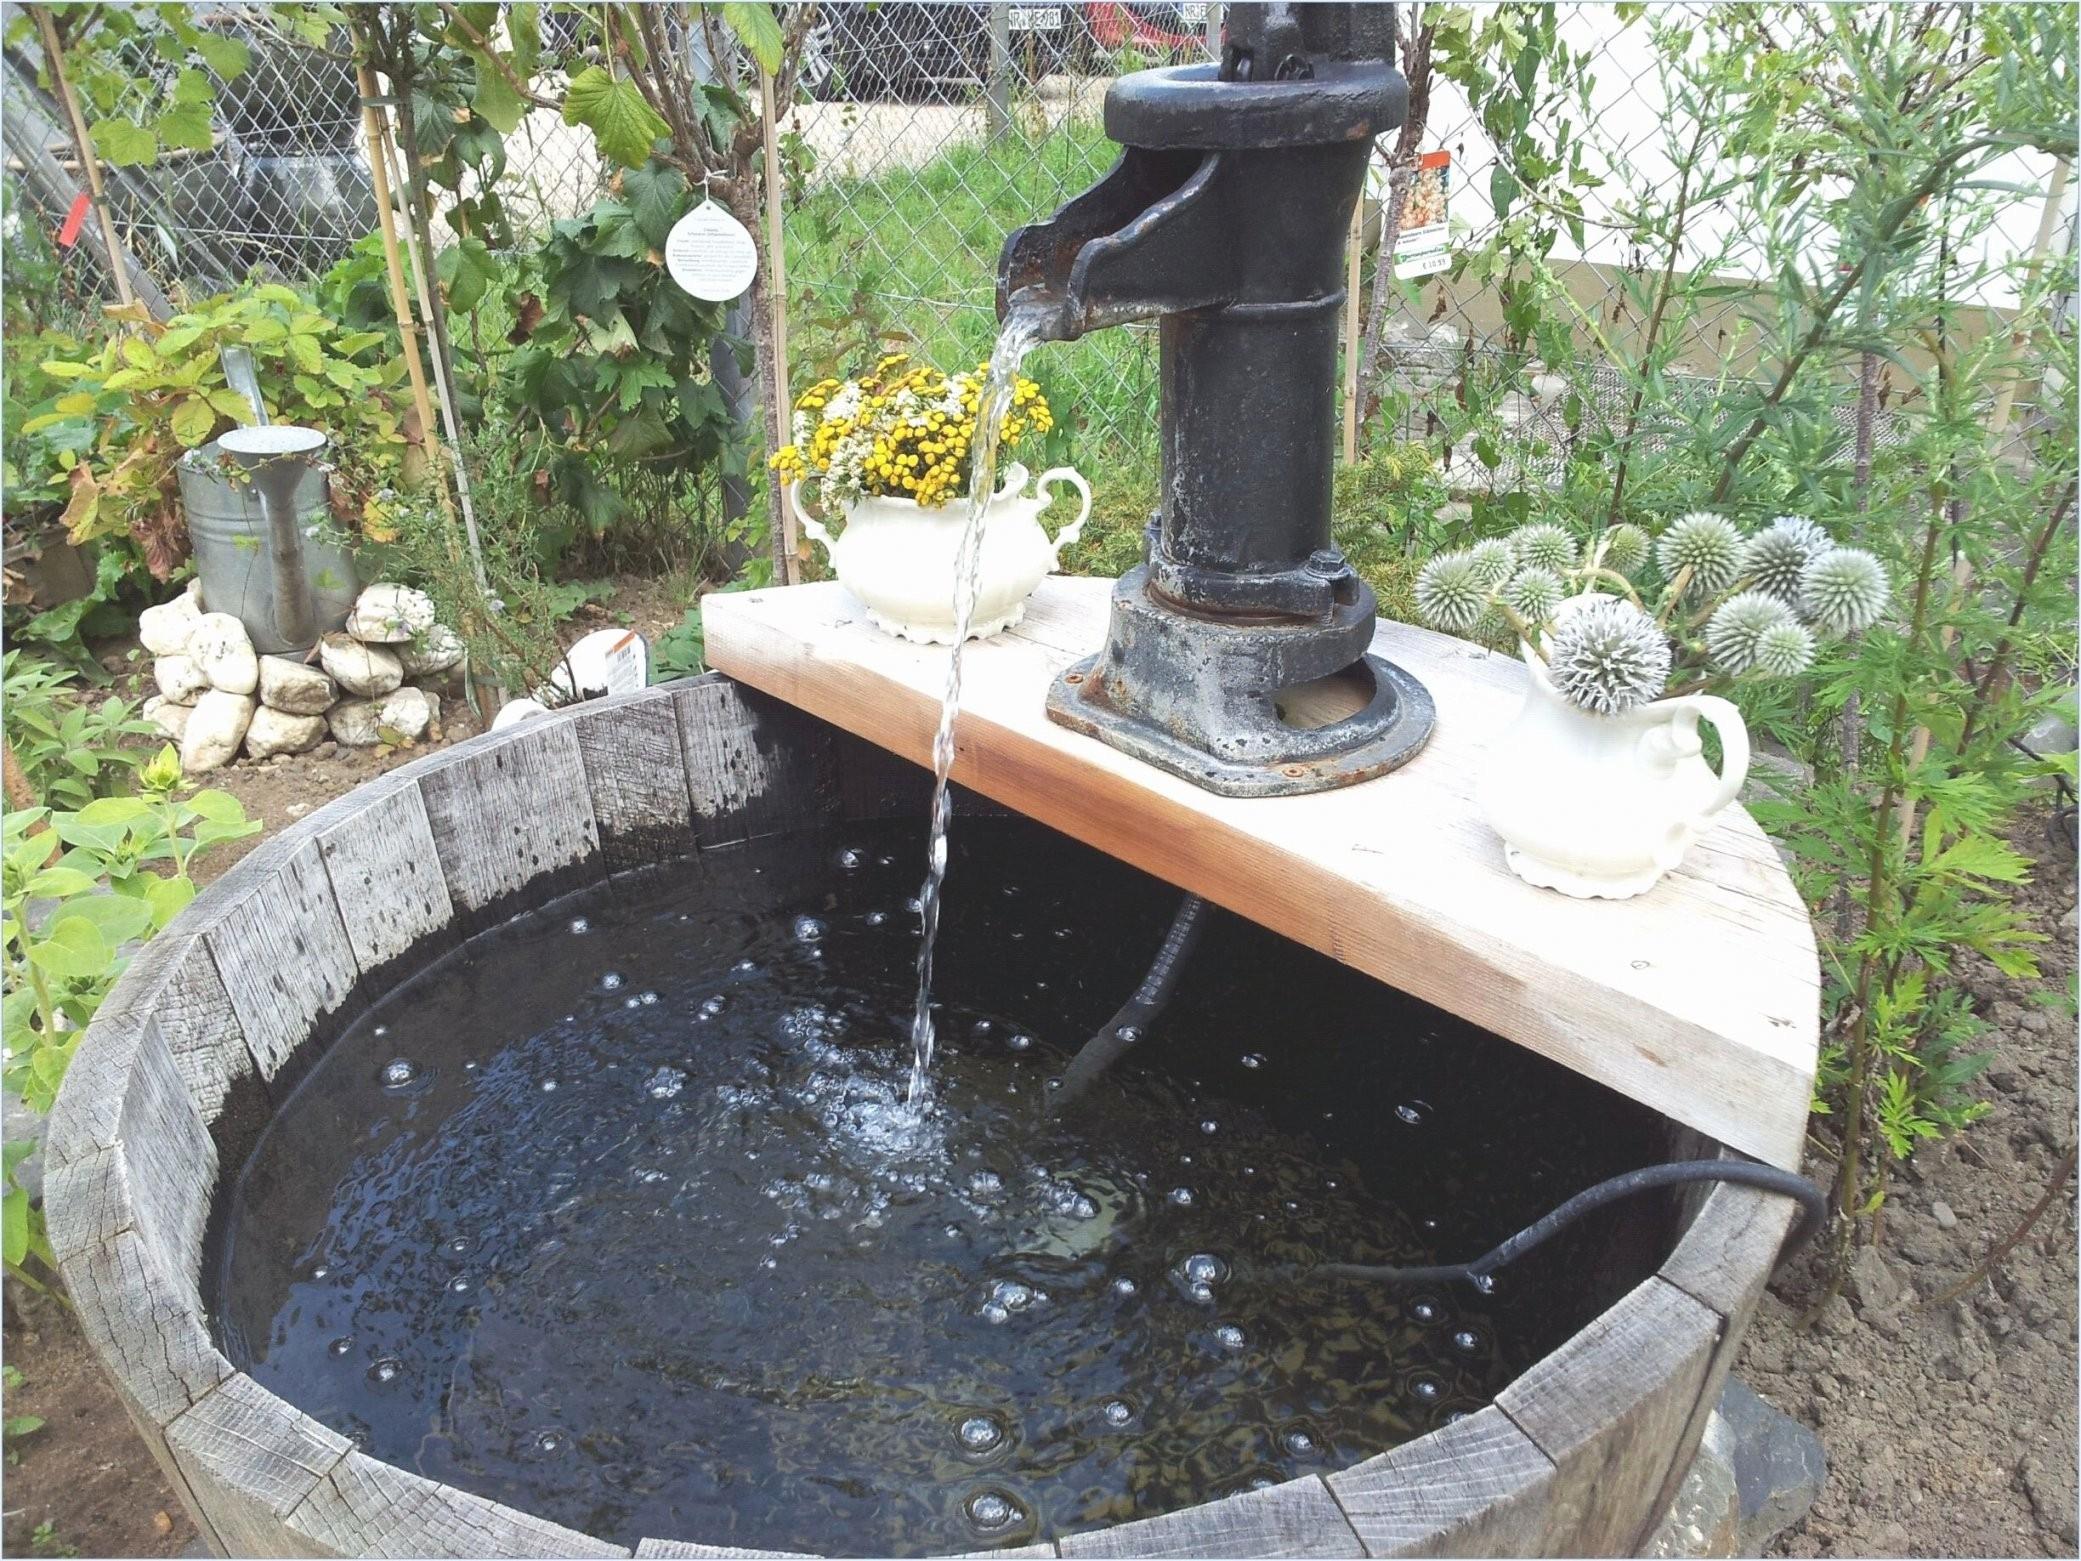 Wandbrunnen Garten Stein Inspirierend Deko Brunnen Garten Stunning von Wandbrunnen Garten Stein Photo